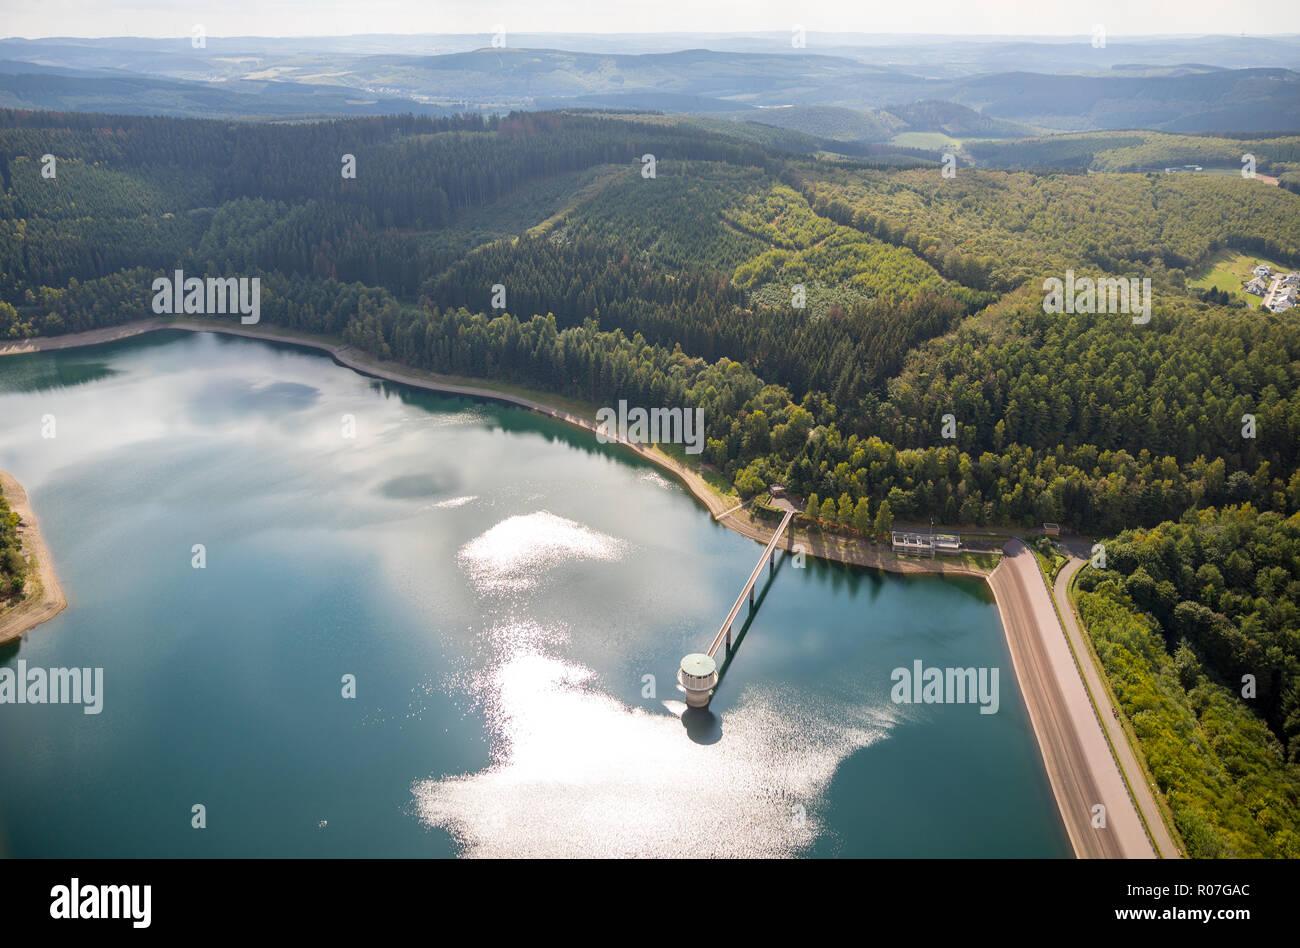 Luftaufnahme, Künstlicher See Obernau Talsperre, Brauersdorf, Netphen, Siegerland, Kreis Siegen-Wittgenstein, Nordrhein-Westfalen, Deutschland, DEU, E - Stock Image